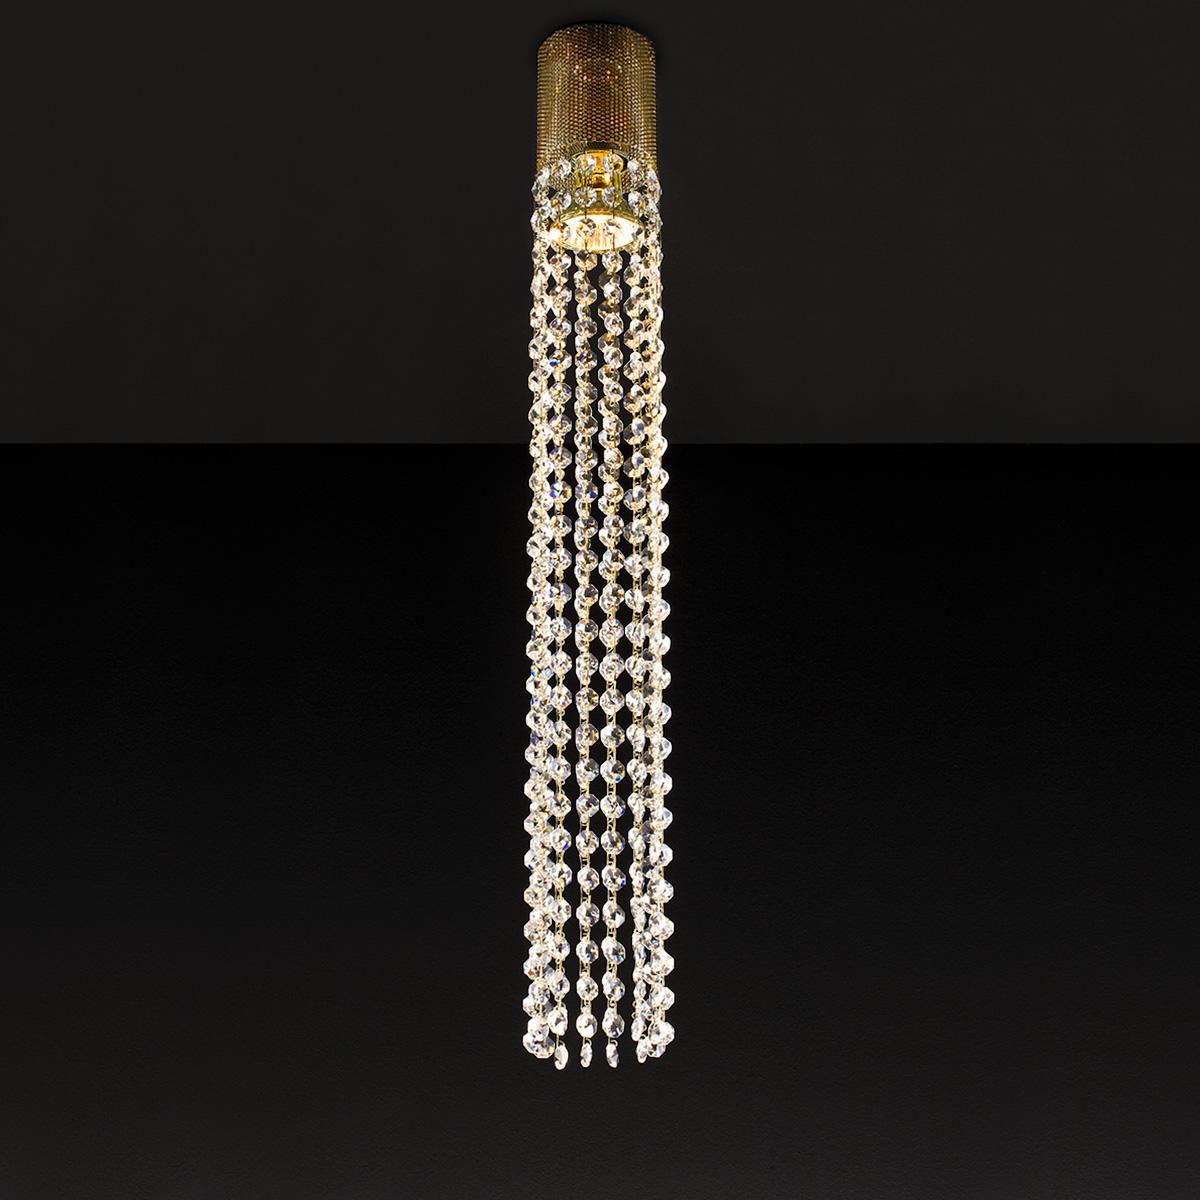 Φωτιστικό με κρύσταλλα ΑΝΔΡΟΜΕΔΑ pendant lamp with crystal accents